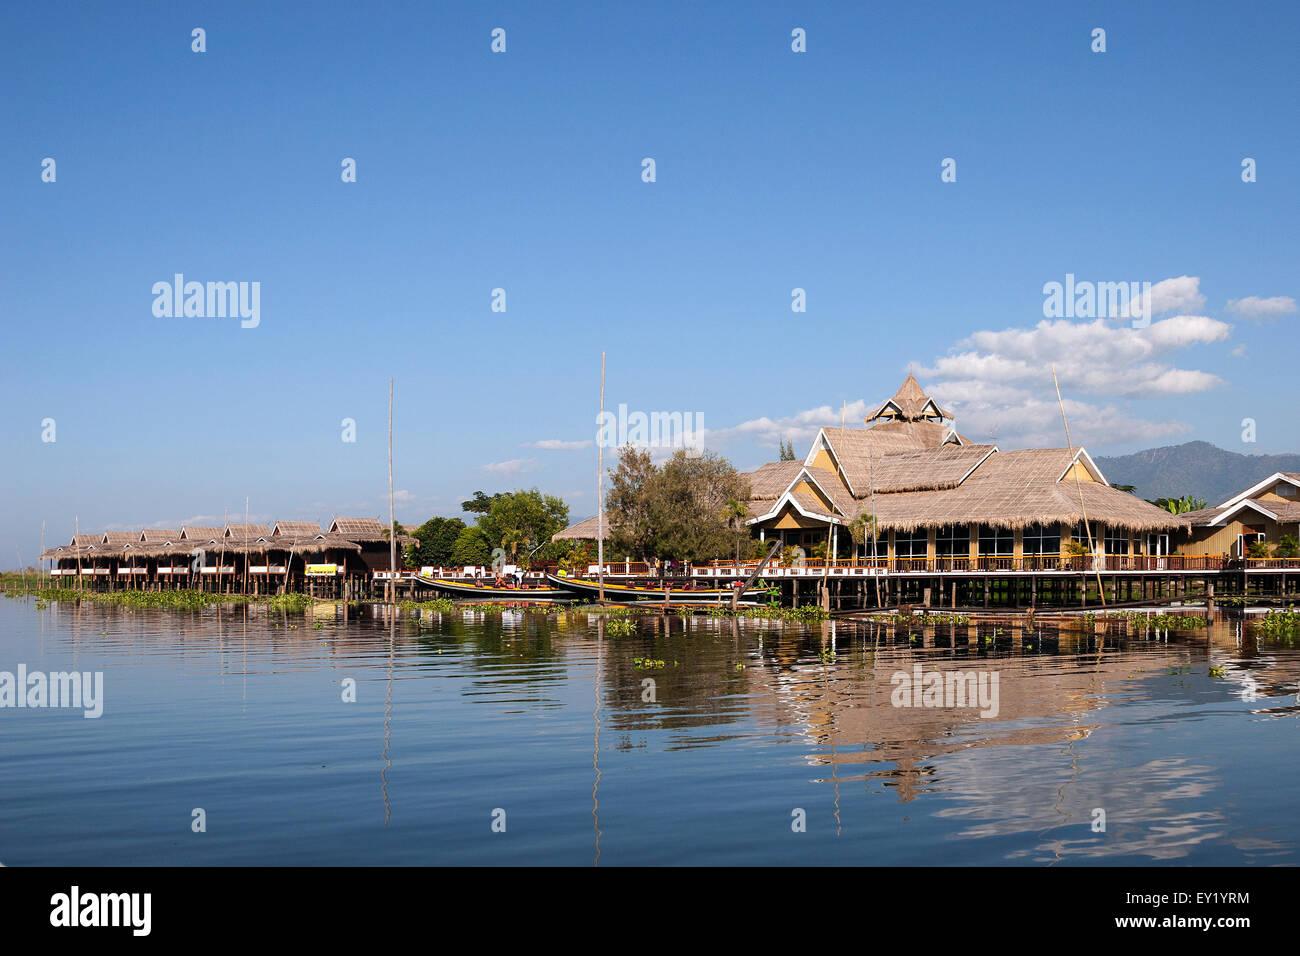 Hotel Paramount Inle Resort, Inle Lake, near Ywa-ma, Shan State, Myanmar - Stock Image